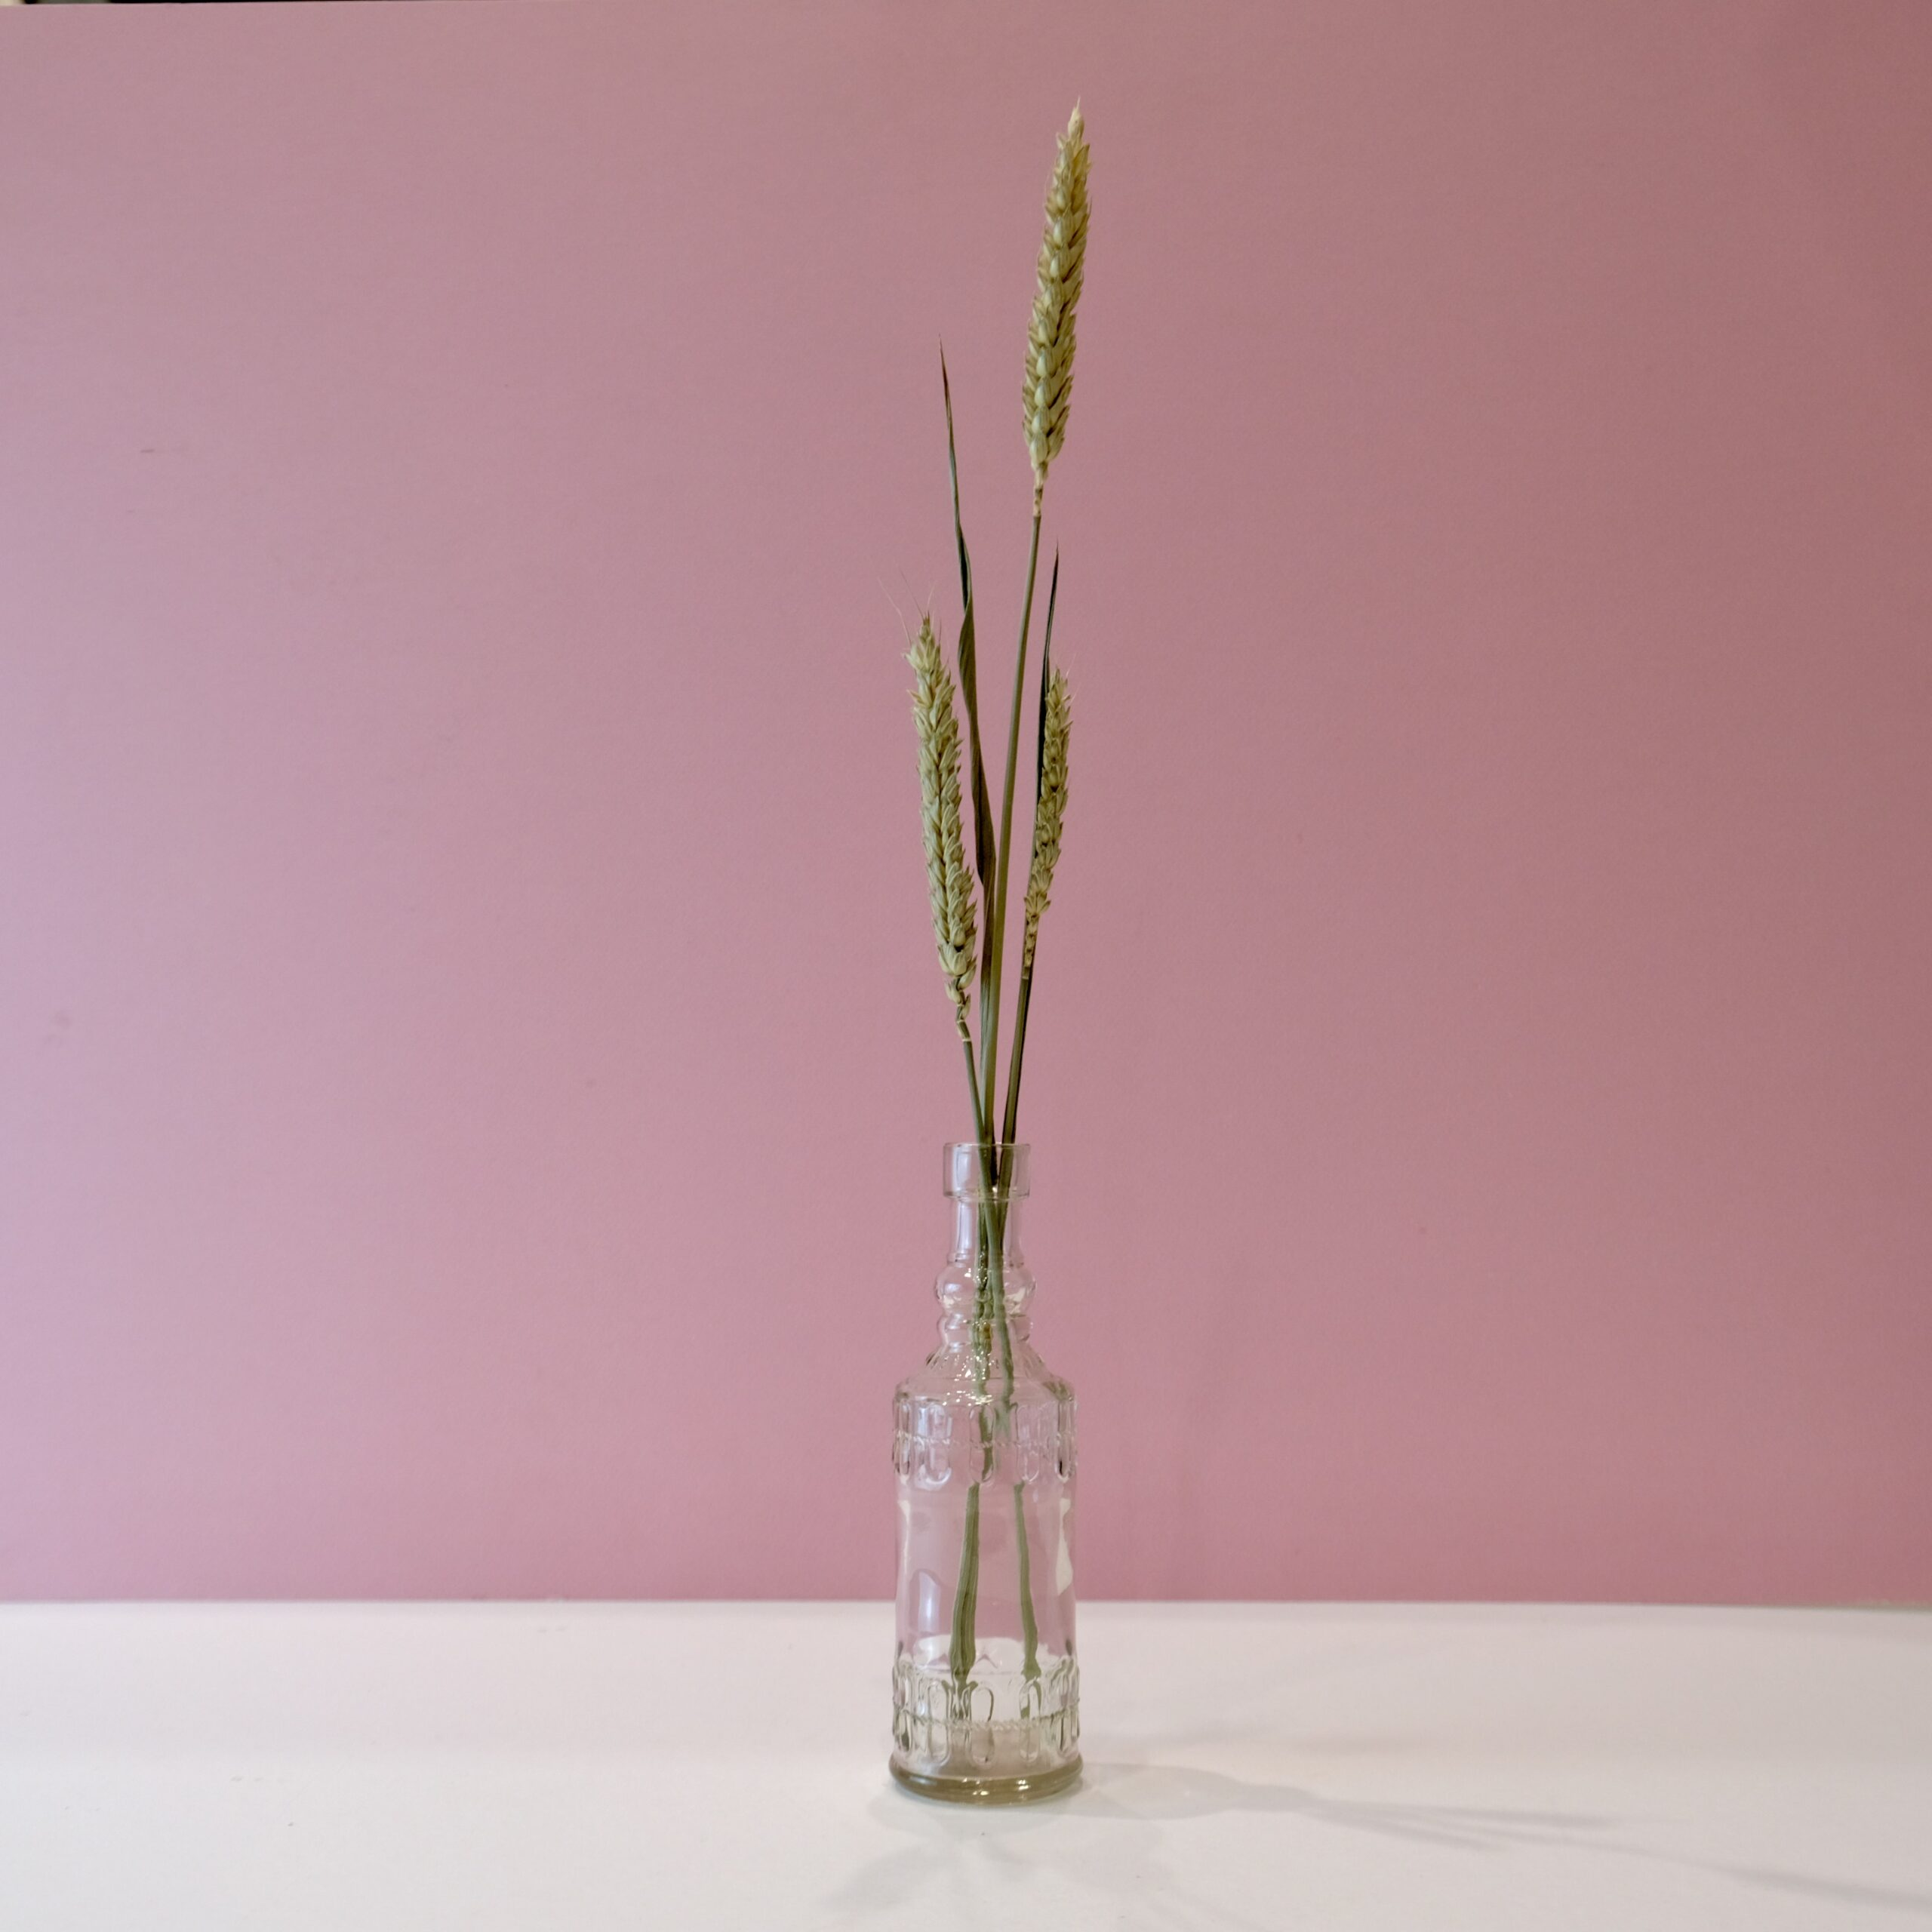 fiole-2-atelier-lavarenne-fleuriste-lyon-2